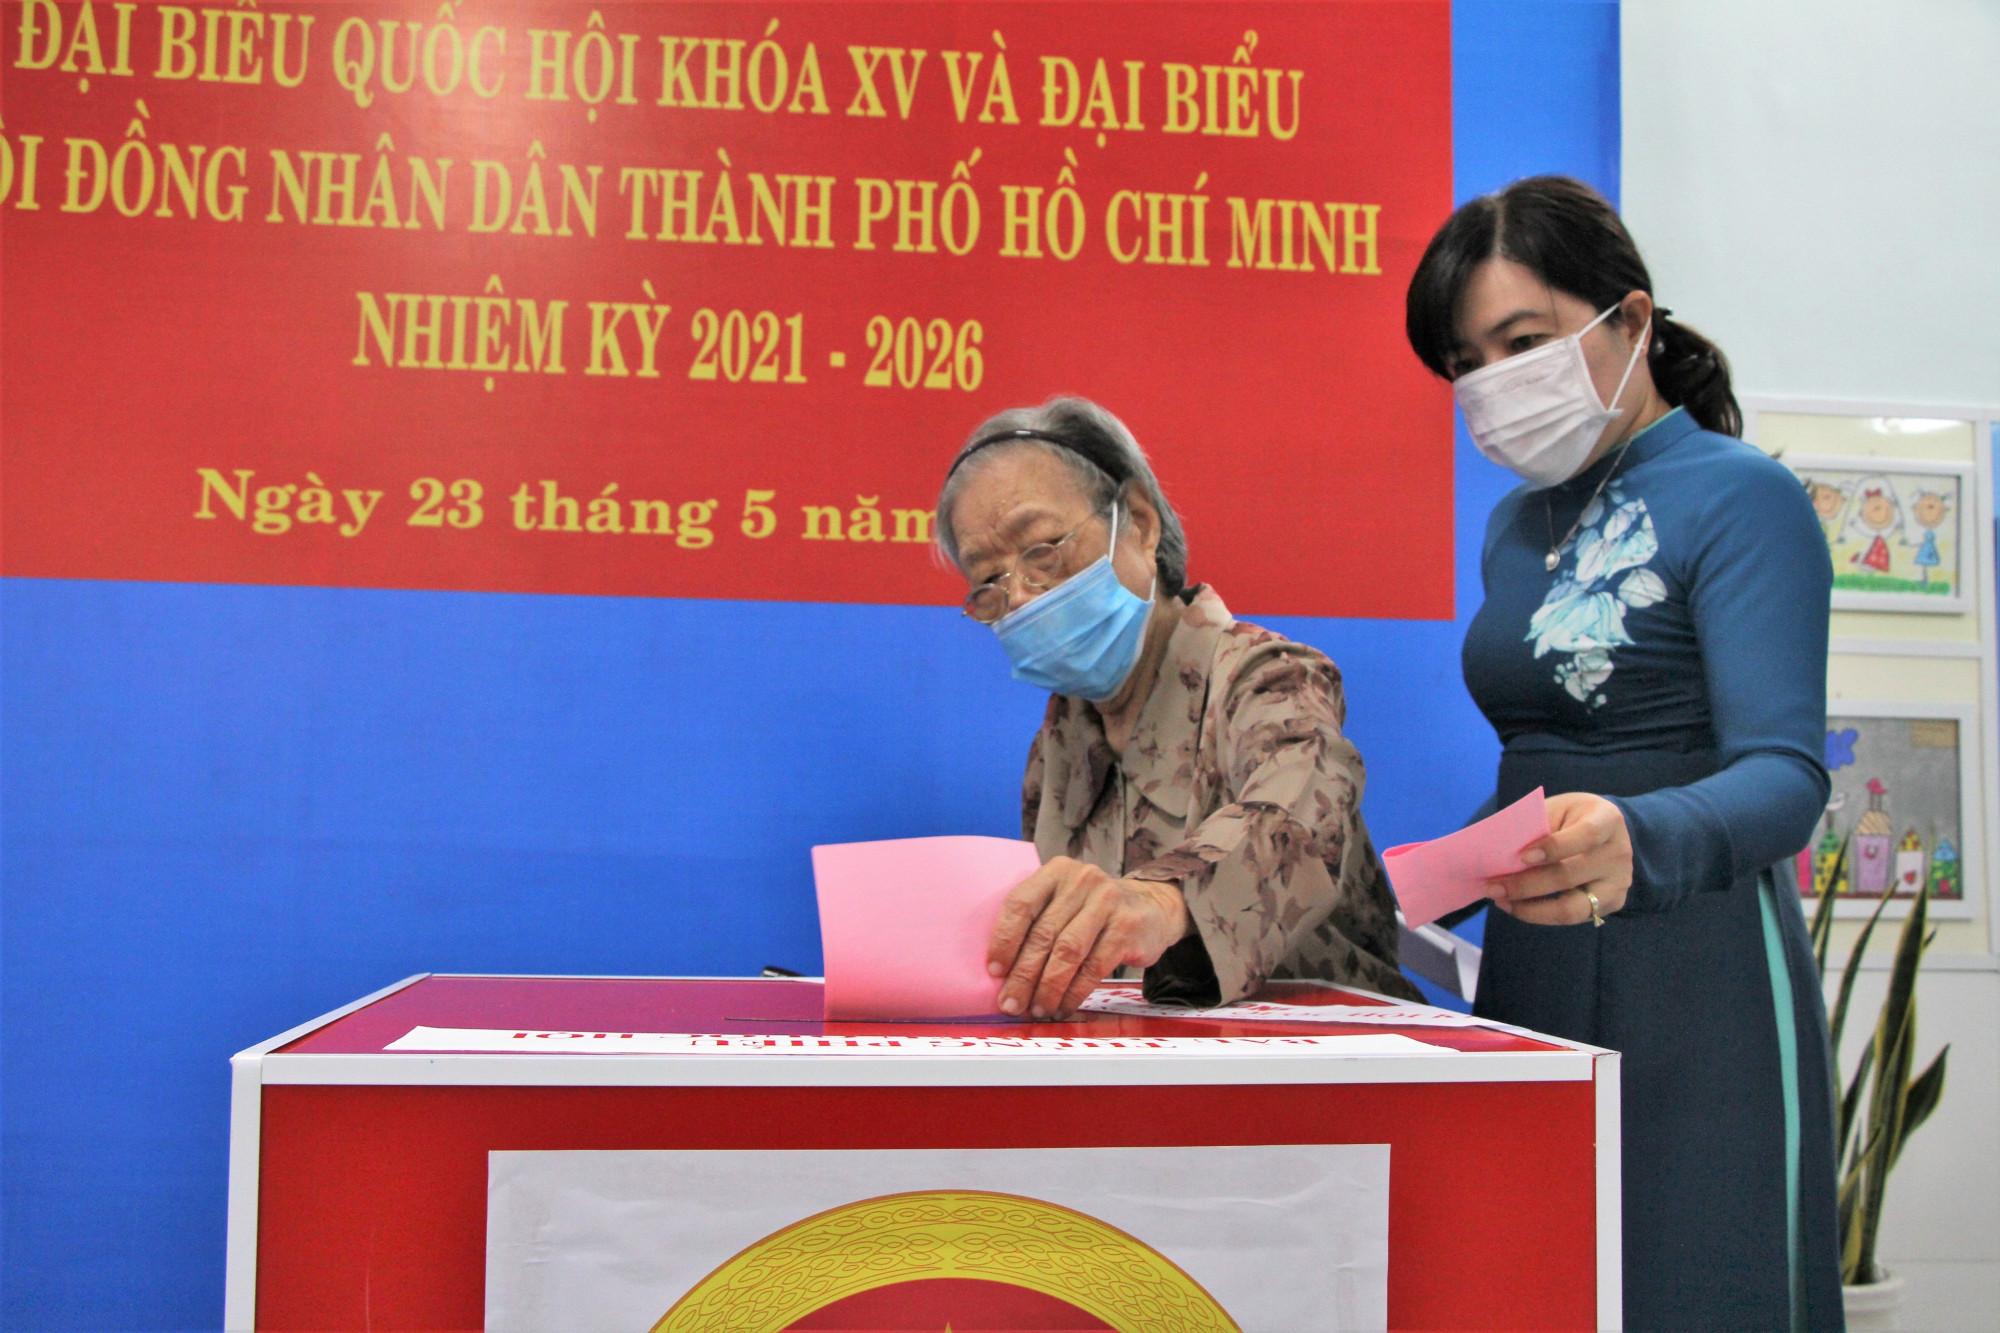 Bà Nguyễn TRần